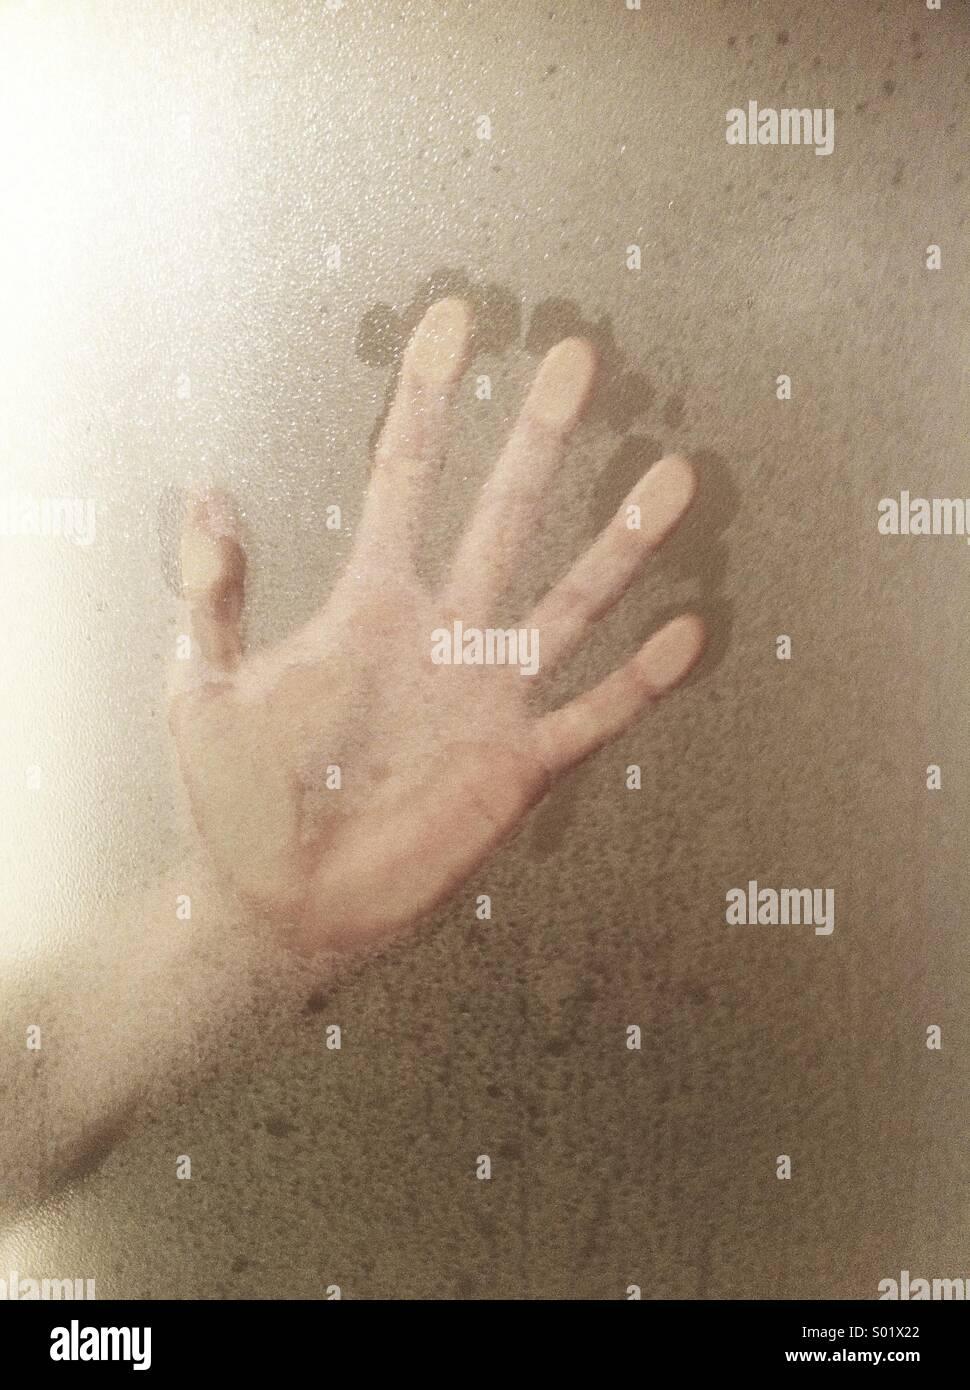 Hand against shower door - Stock Image